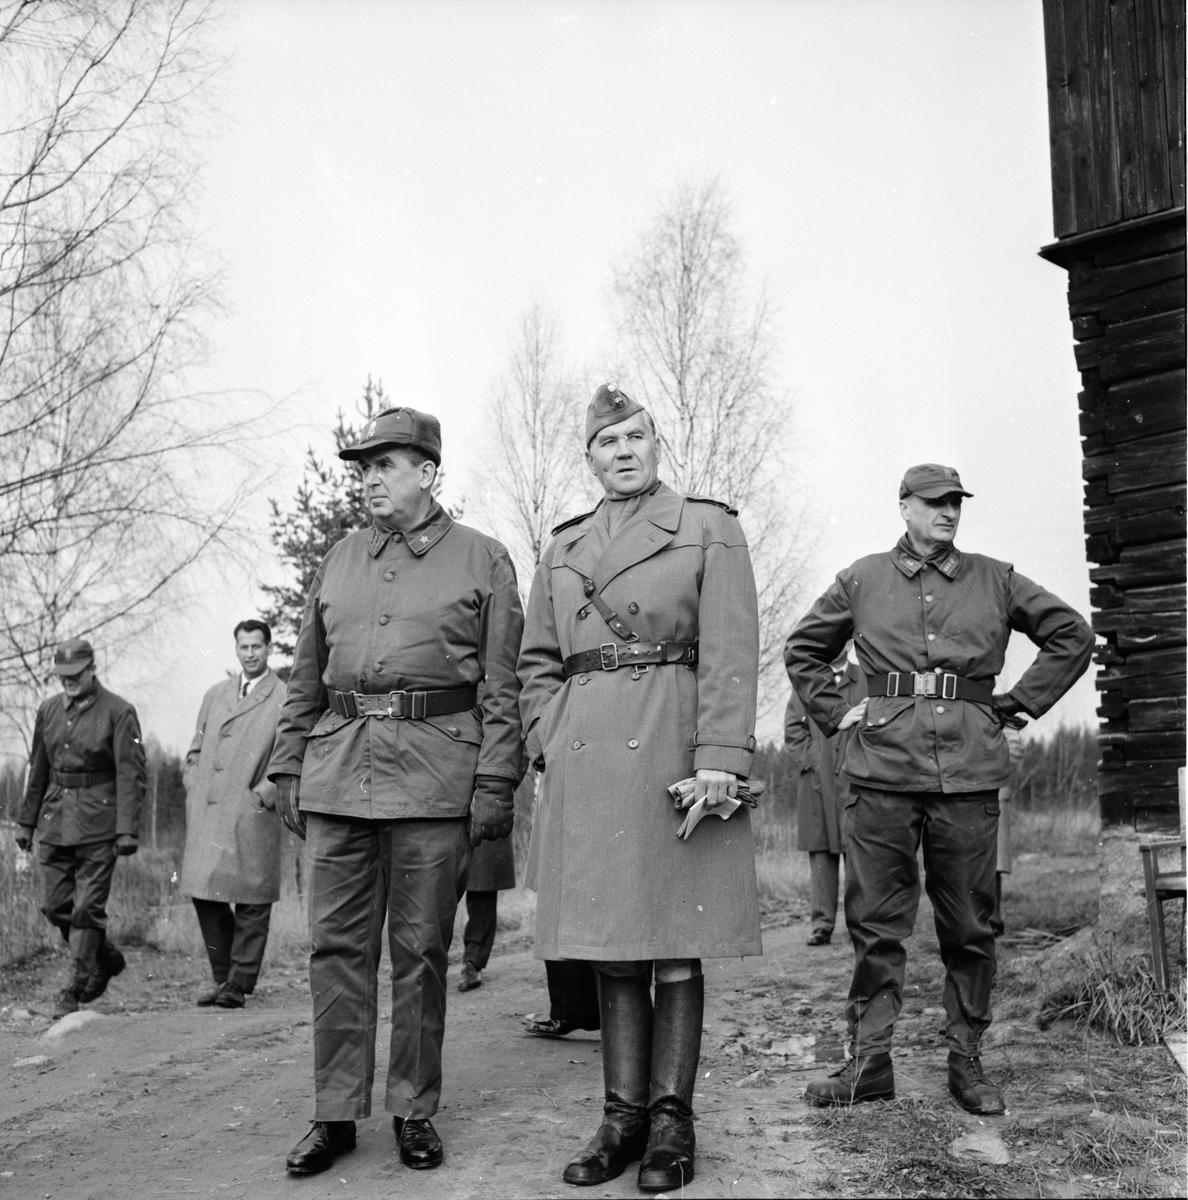 Driftvärnsövning, Bollegården, 24 Oktober 1963